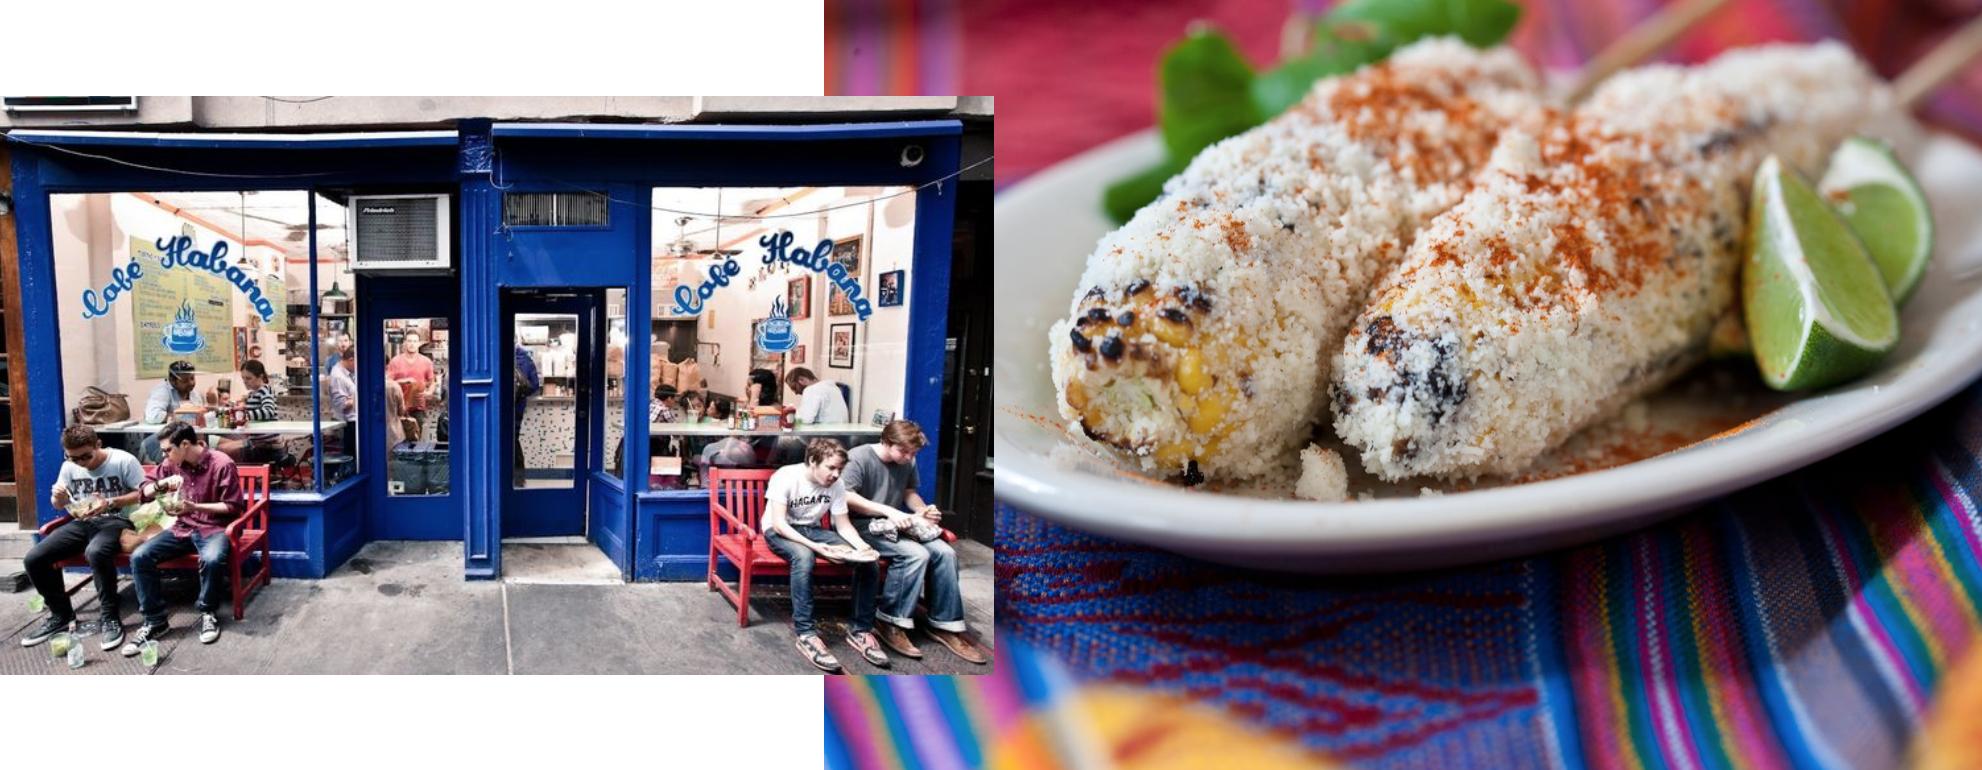 Photos: Cafe Habana